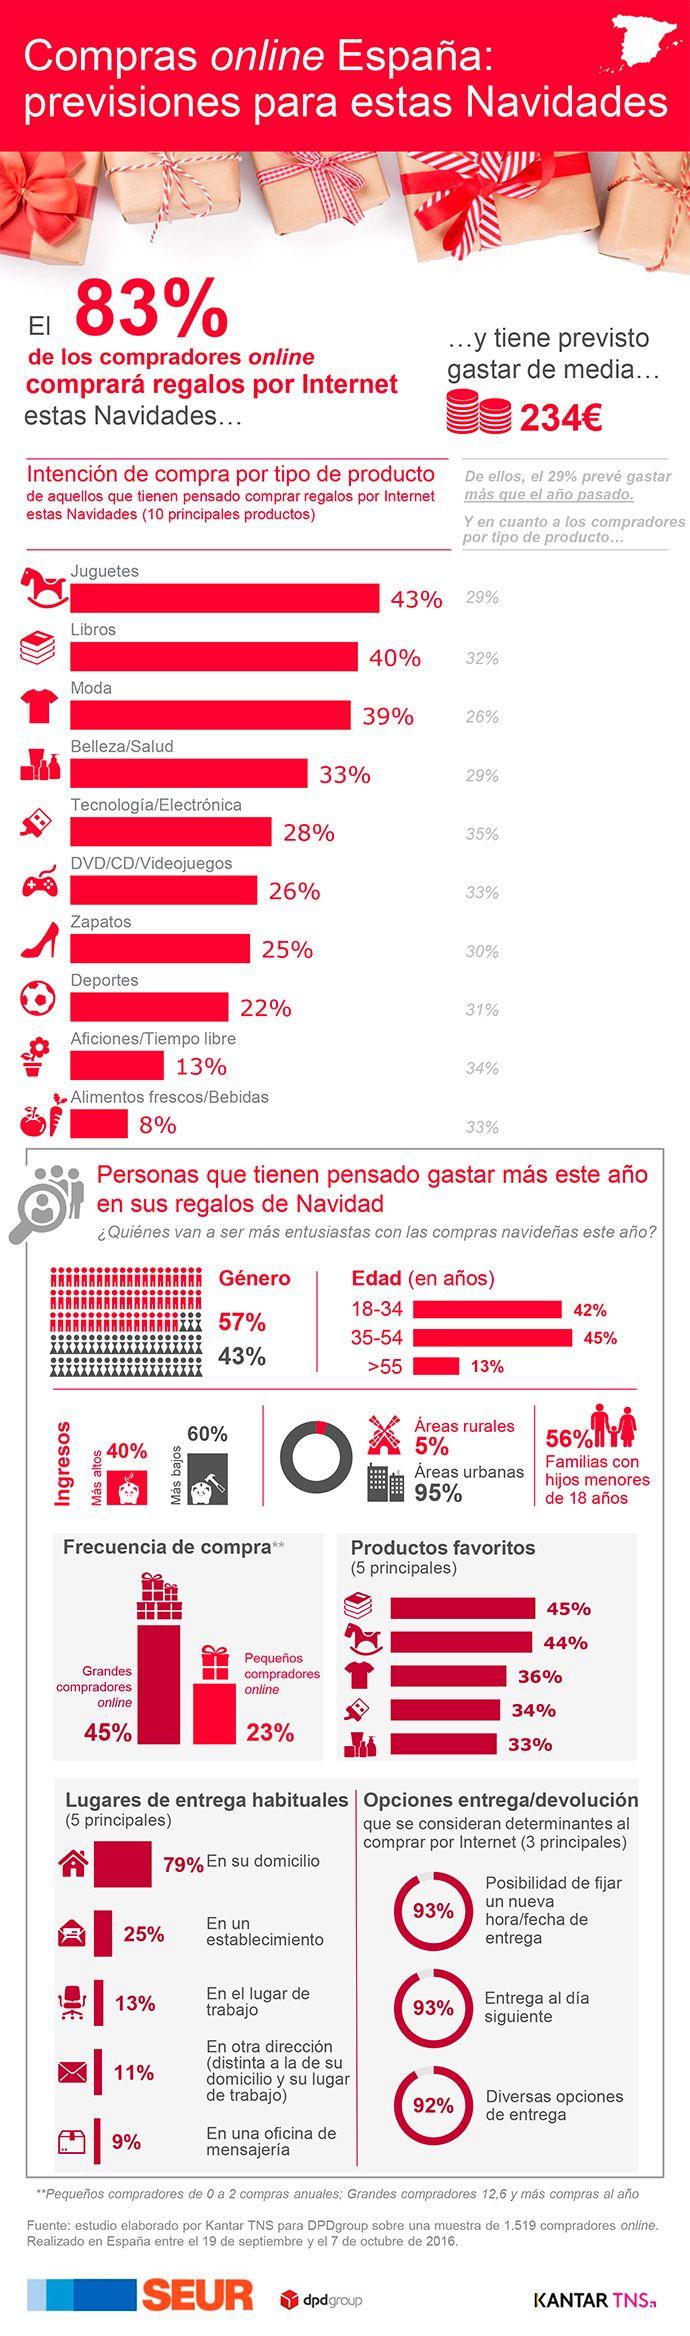 Compras online España - previsiones para estas Navidades